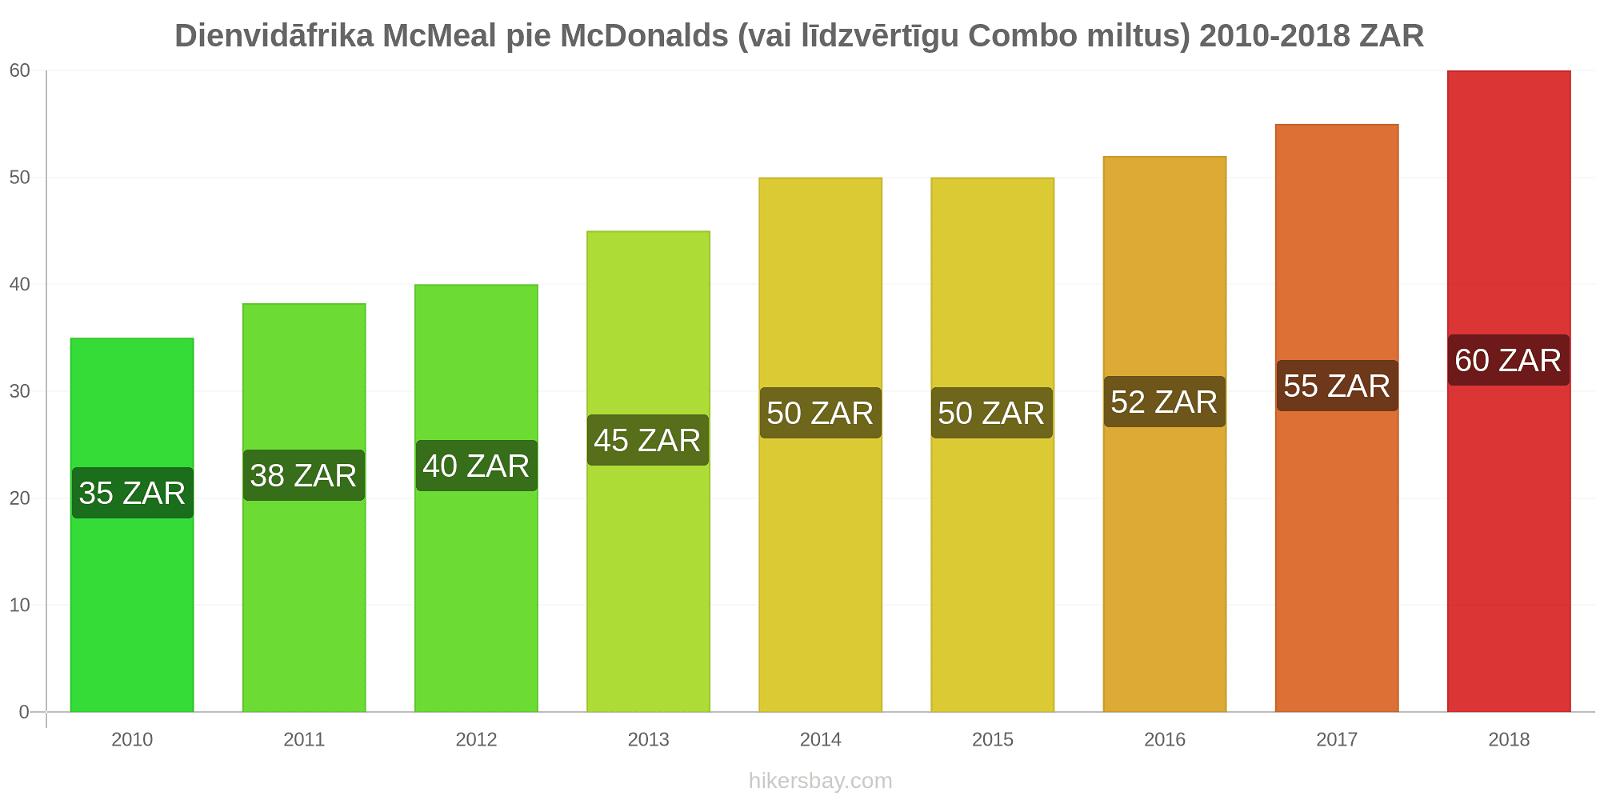 Dienvidāfrika cenu izmaiņas McMeal pie McDonalds (vai līdzvērtīgu Combo miltus) hikersbay.com